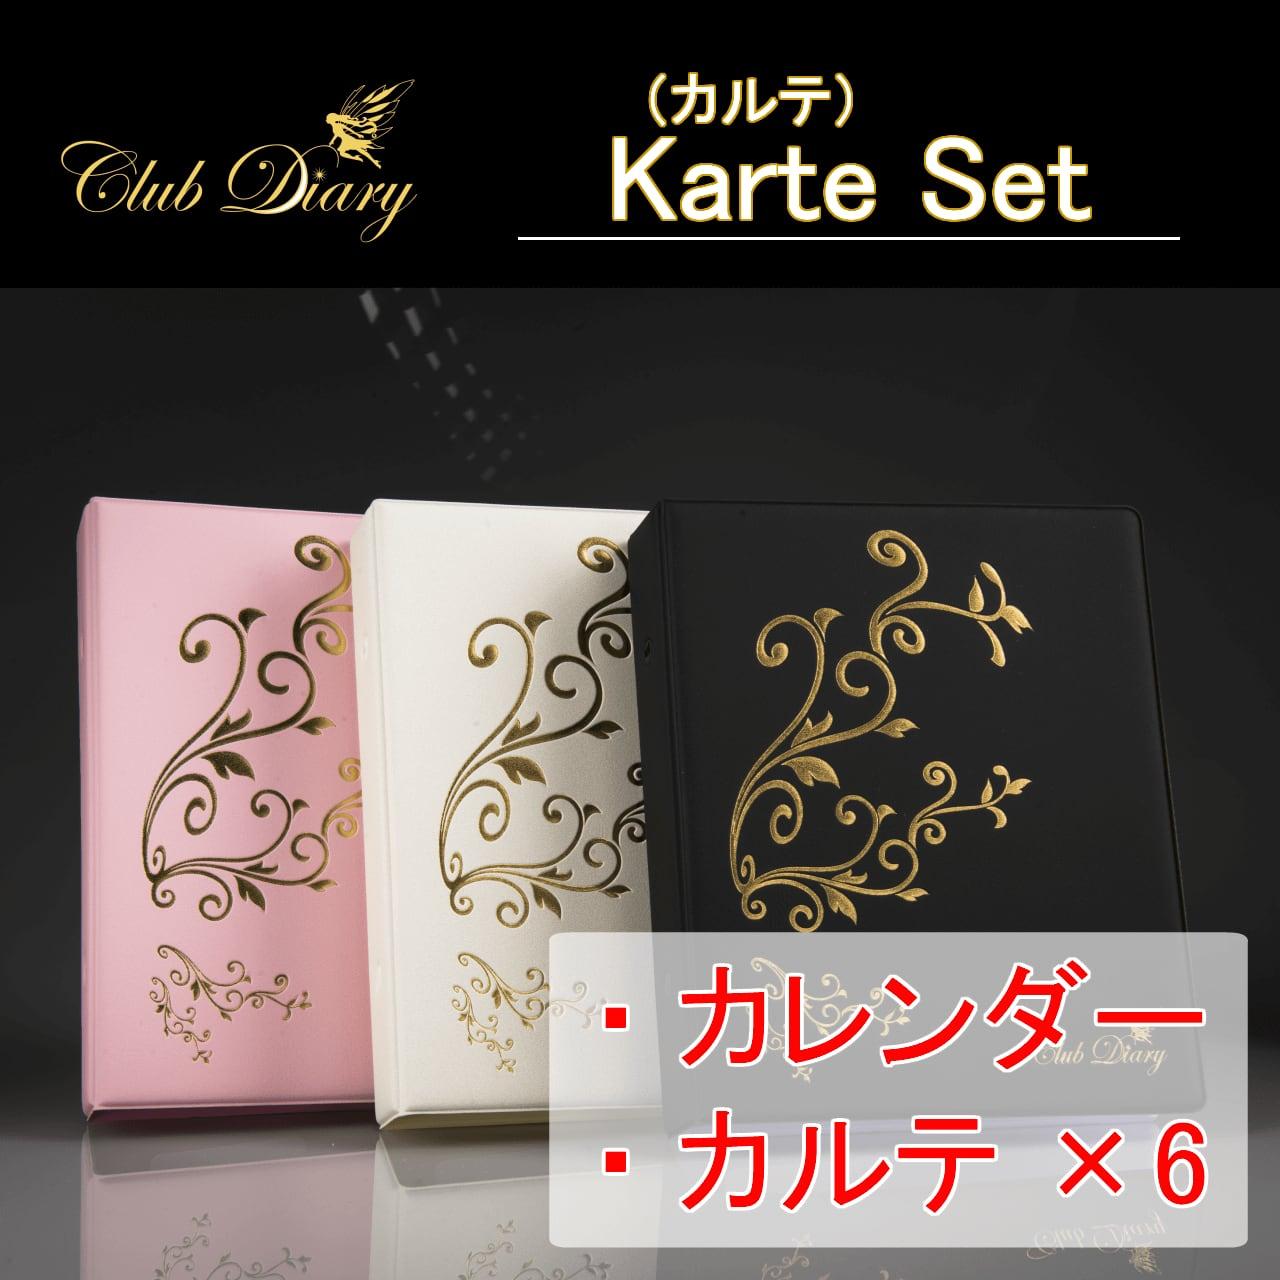 【カルテSET】Club Diary / キャバ嬢 ホステス手帳 クラブダイアリー